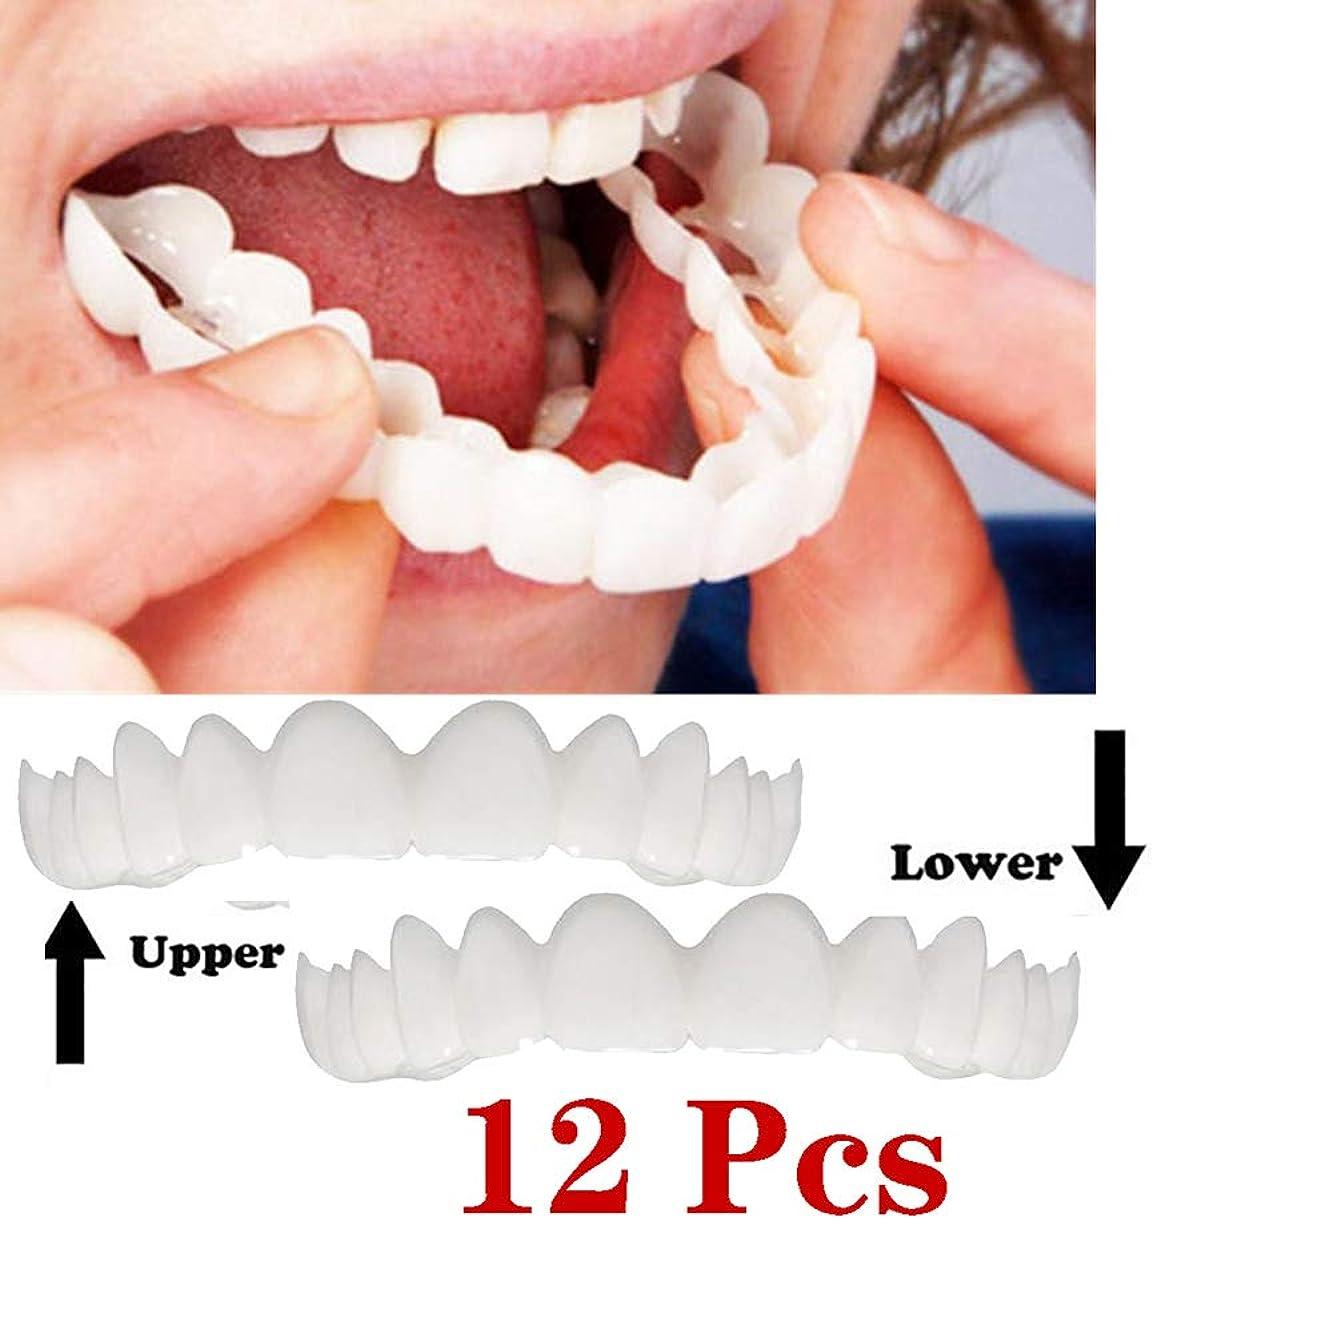 代わりのルアーカストディアンインスタント快適なフレックスパーフェクトベニヤワンサイズフィットの歯のスナップキャップを白くする12個の上下の歯の化粧品のベニヤ、最も快適な義歯のケア